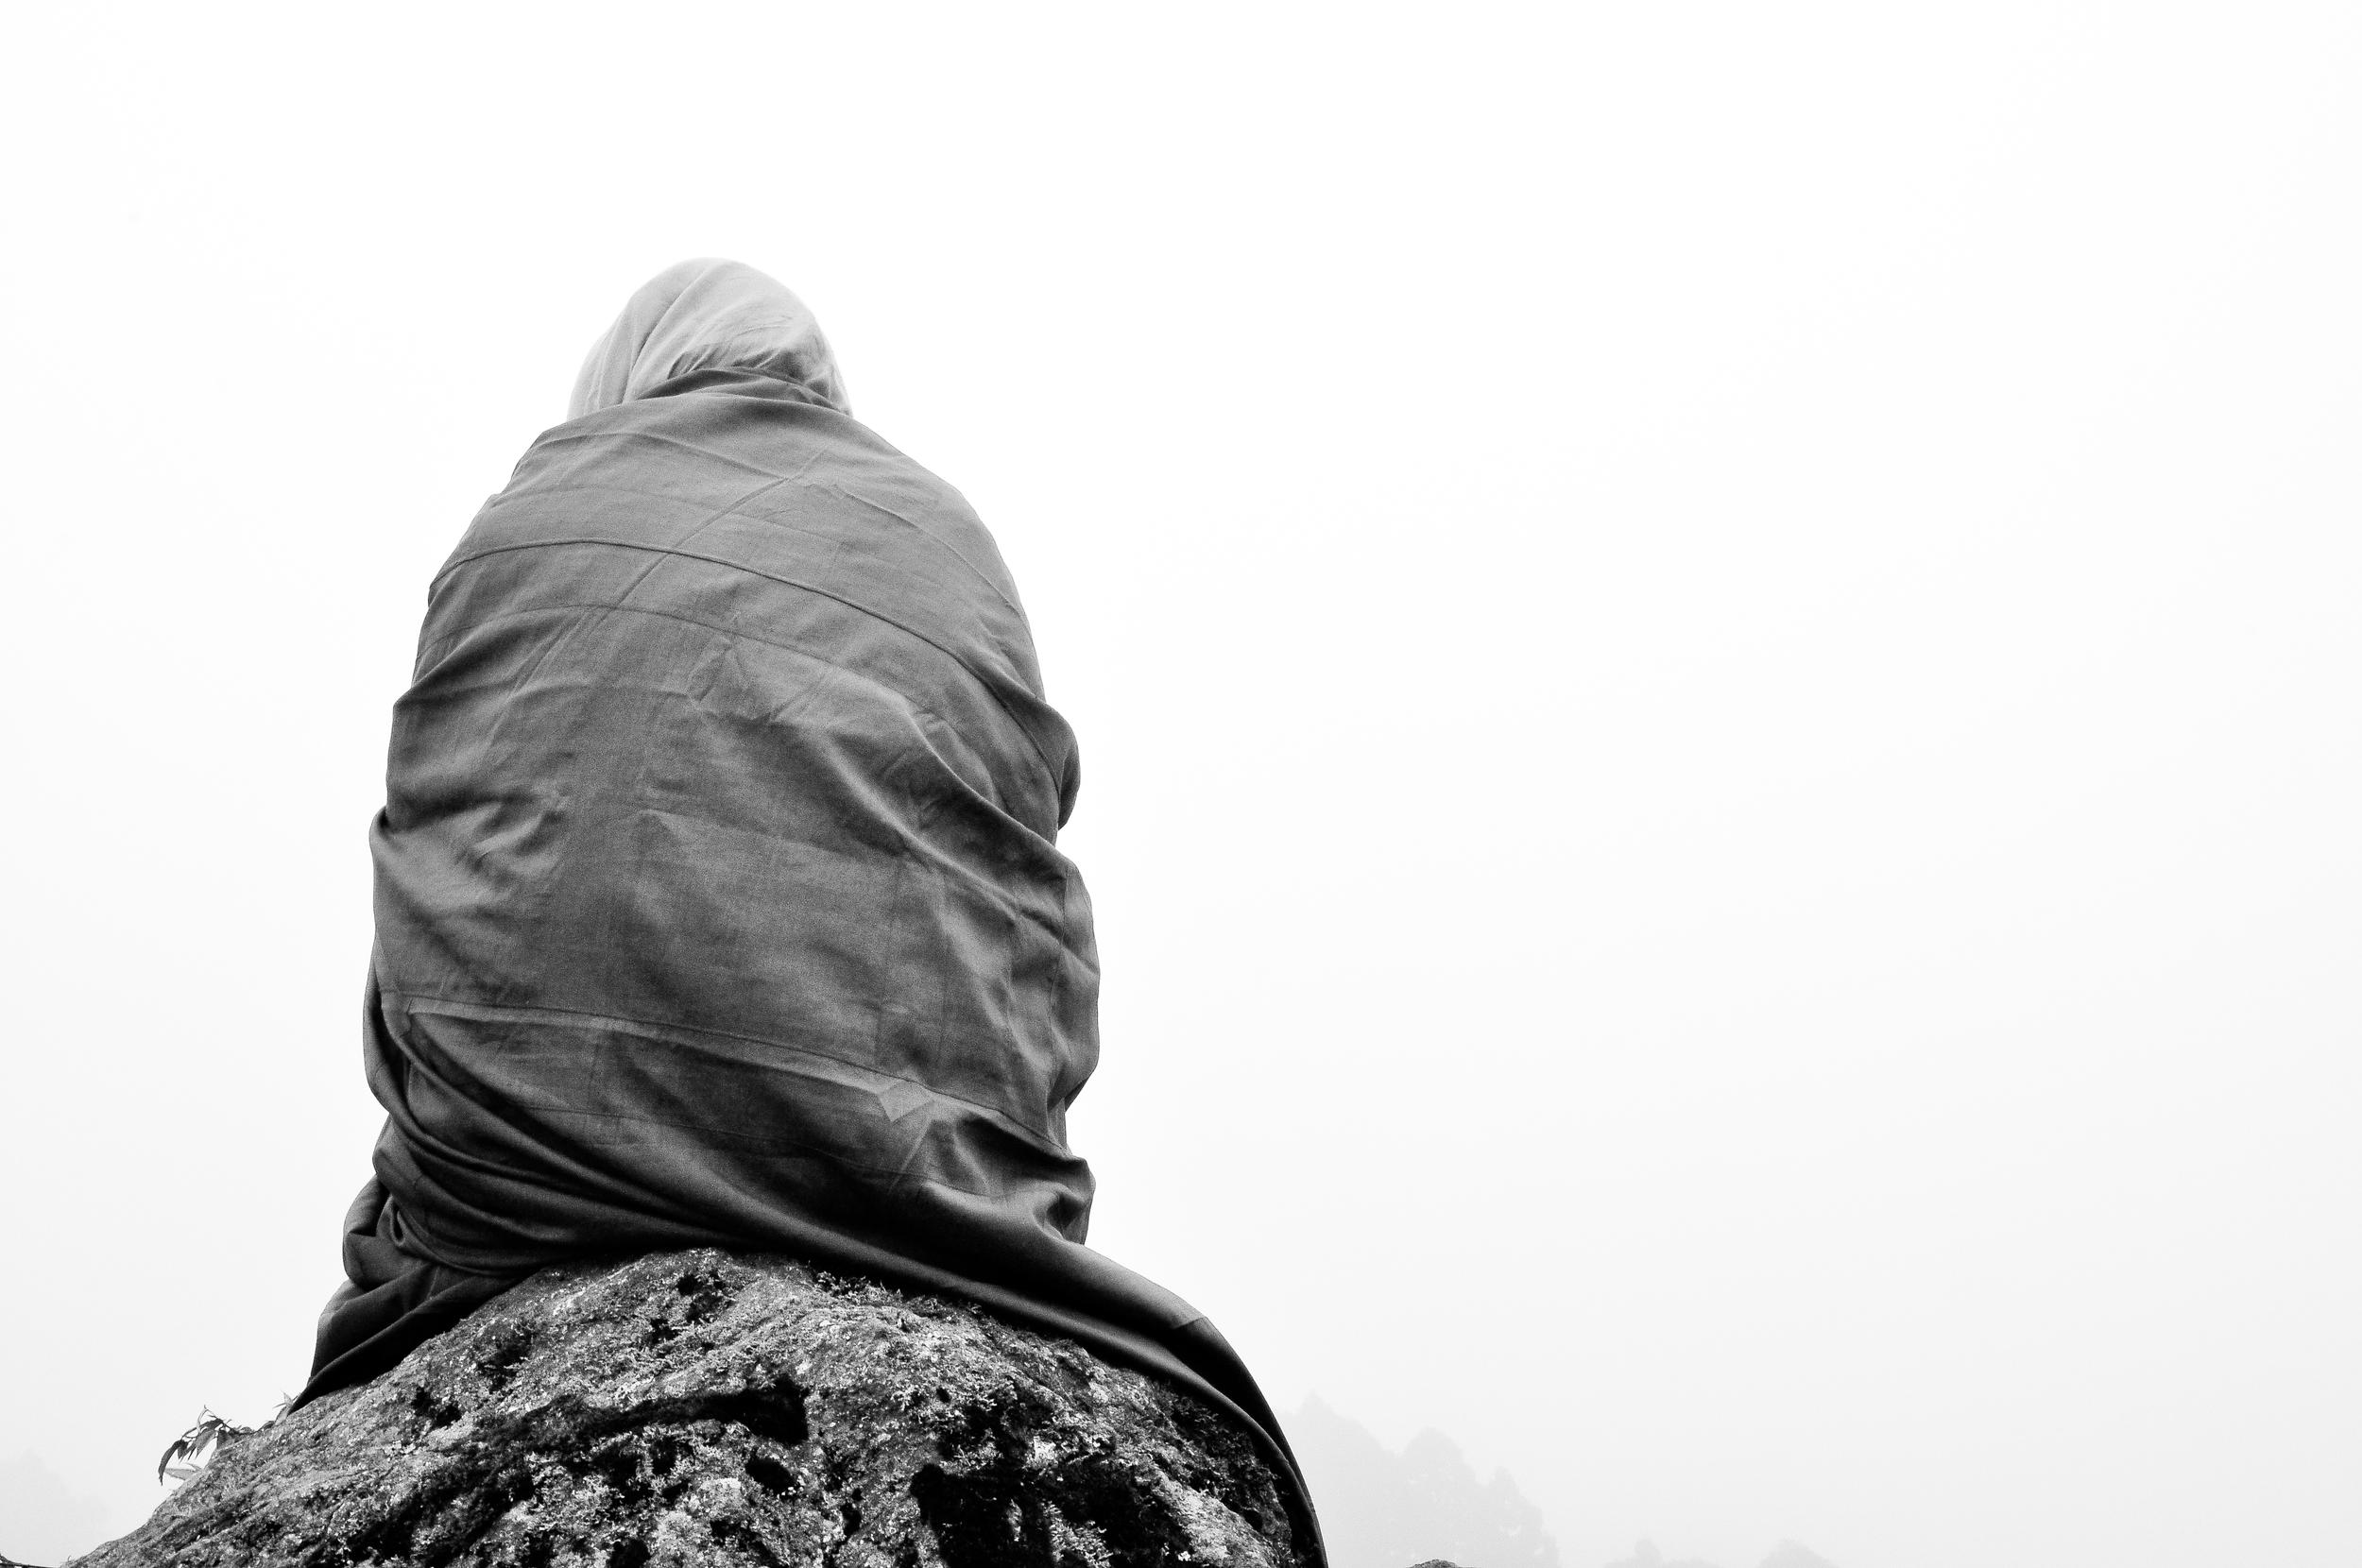 Darjeeling Monk Seated.jpg